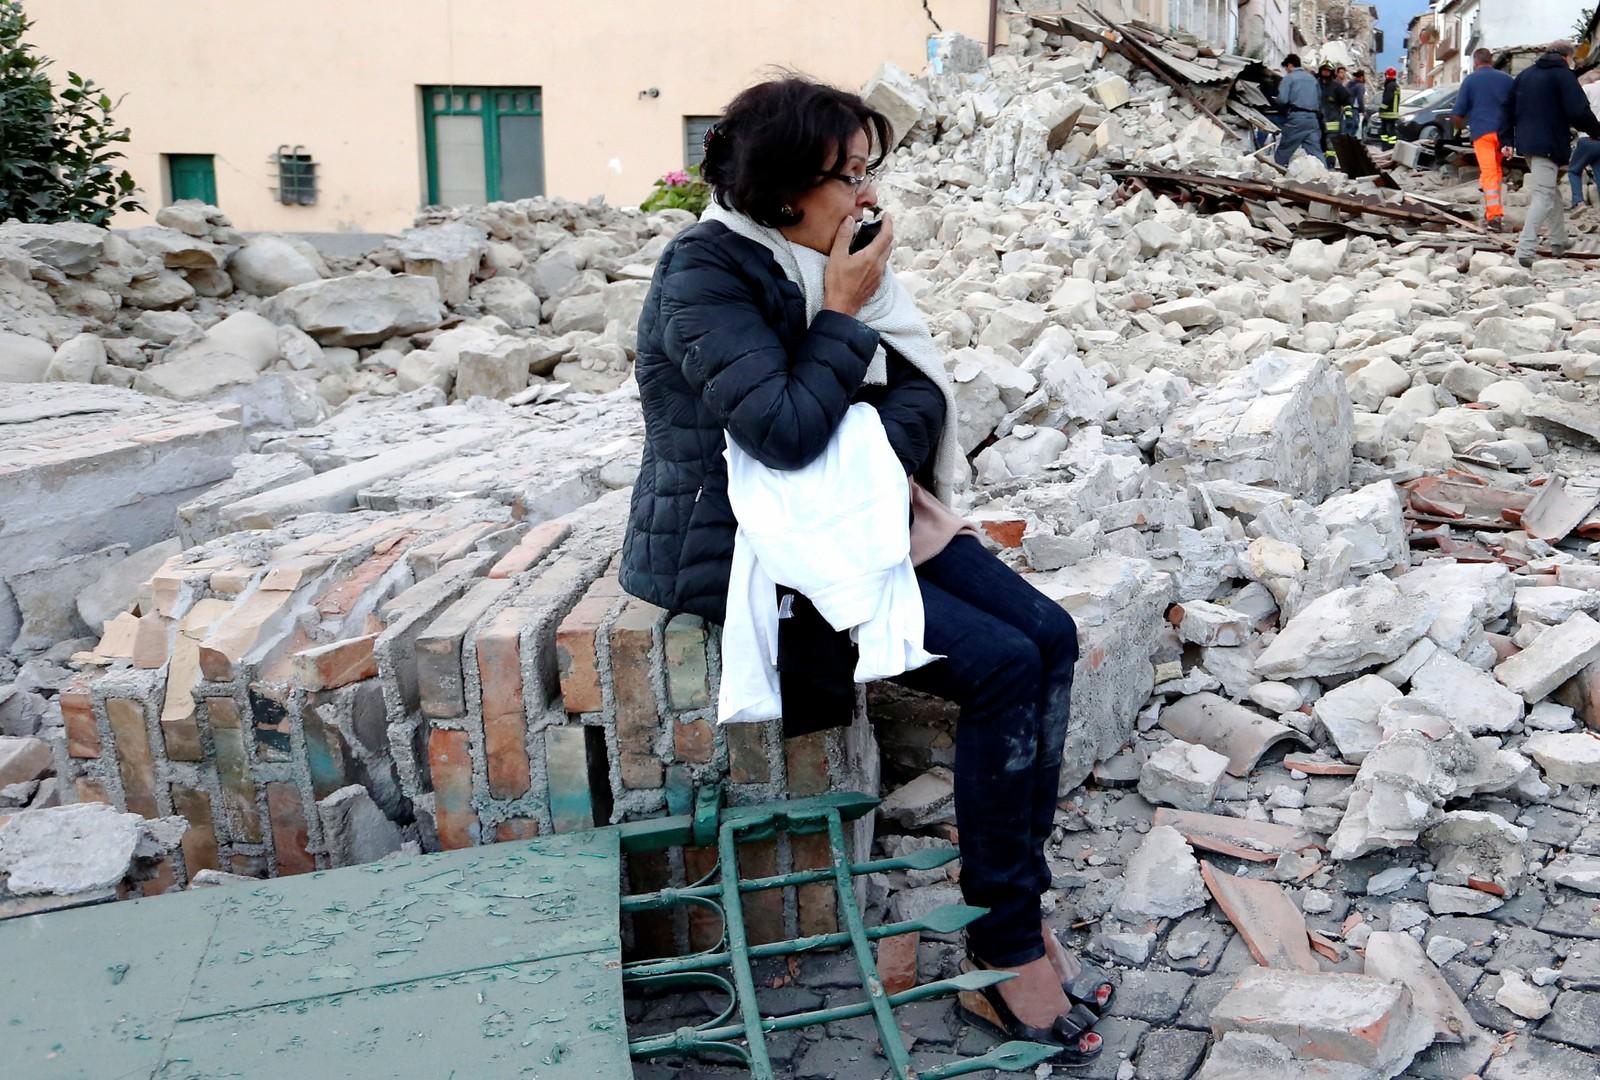 En kvinne skuer ut over ruinene i Amatrice.